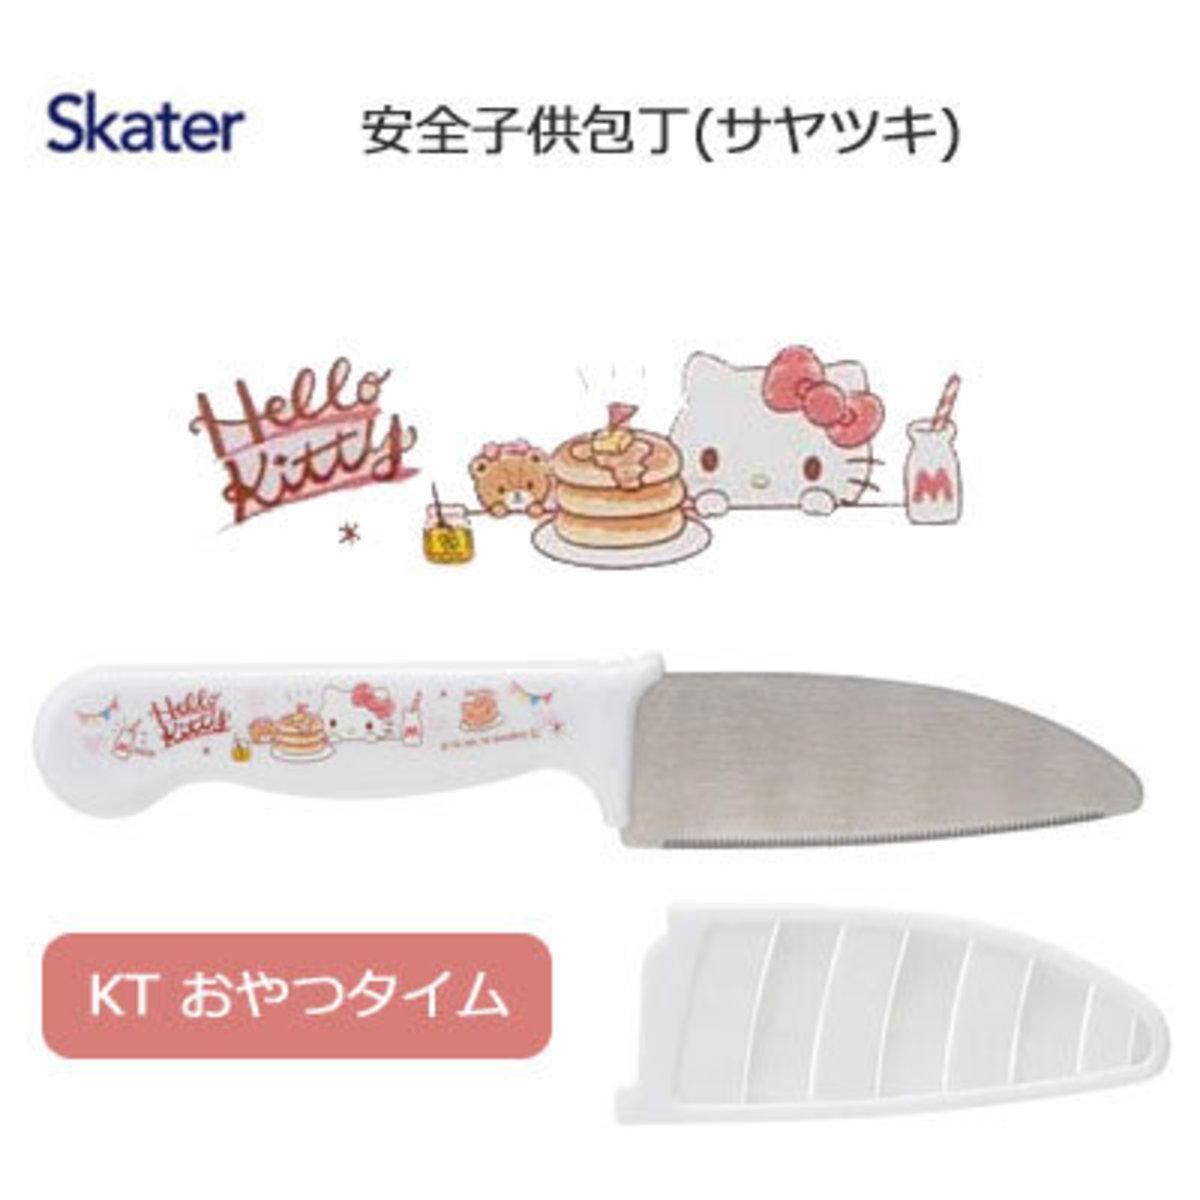 不鏽鋼兒童廚刀/安全刀具-連刀套 (Hello Kitty款)